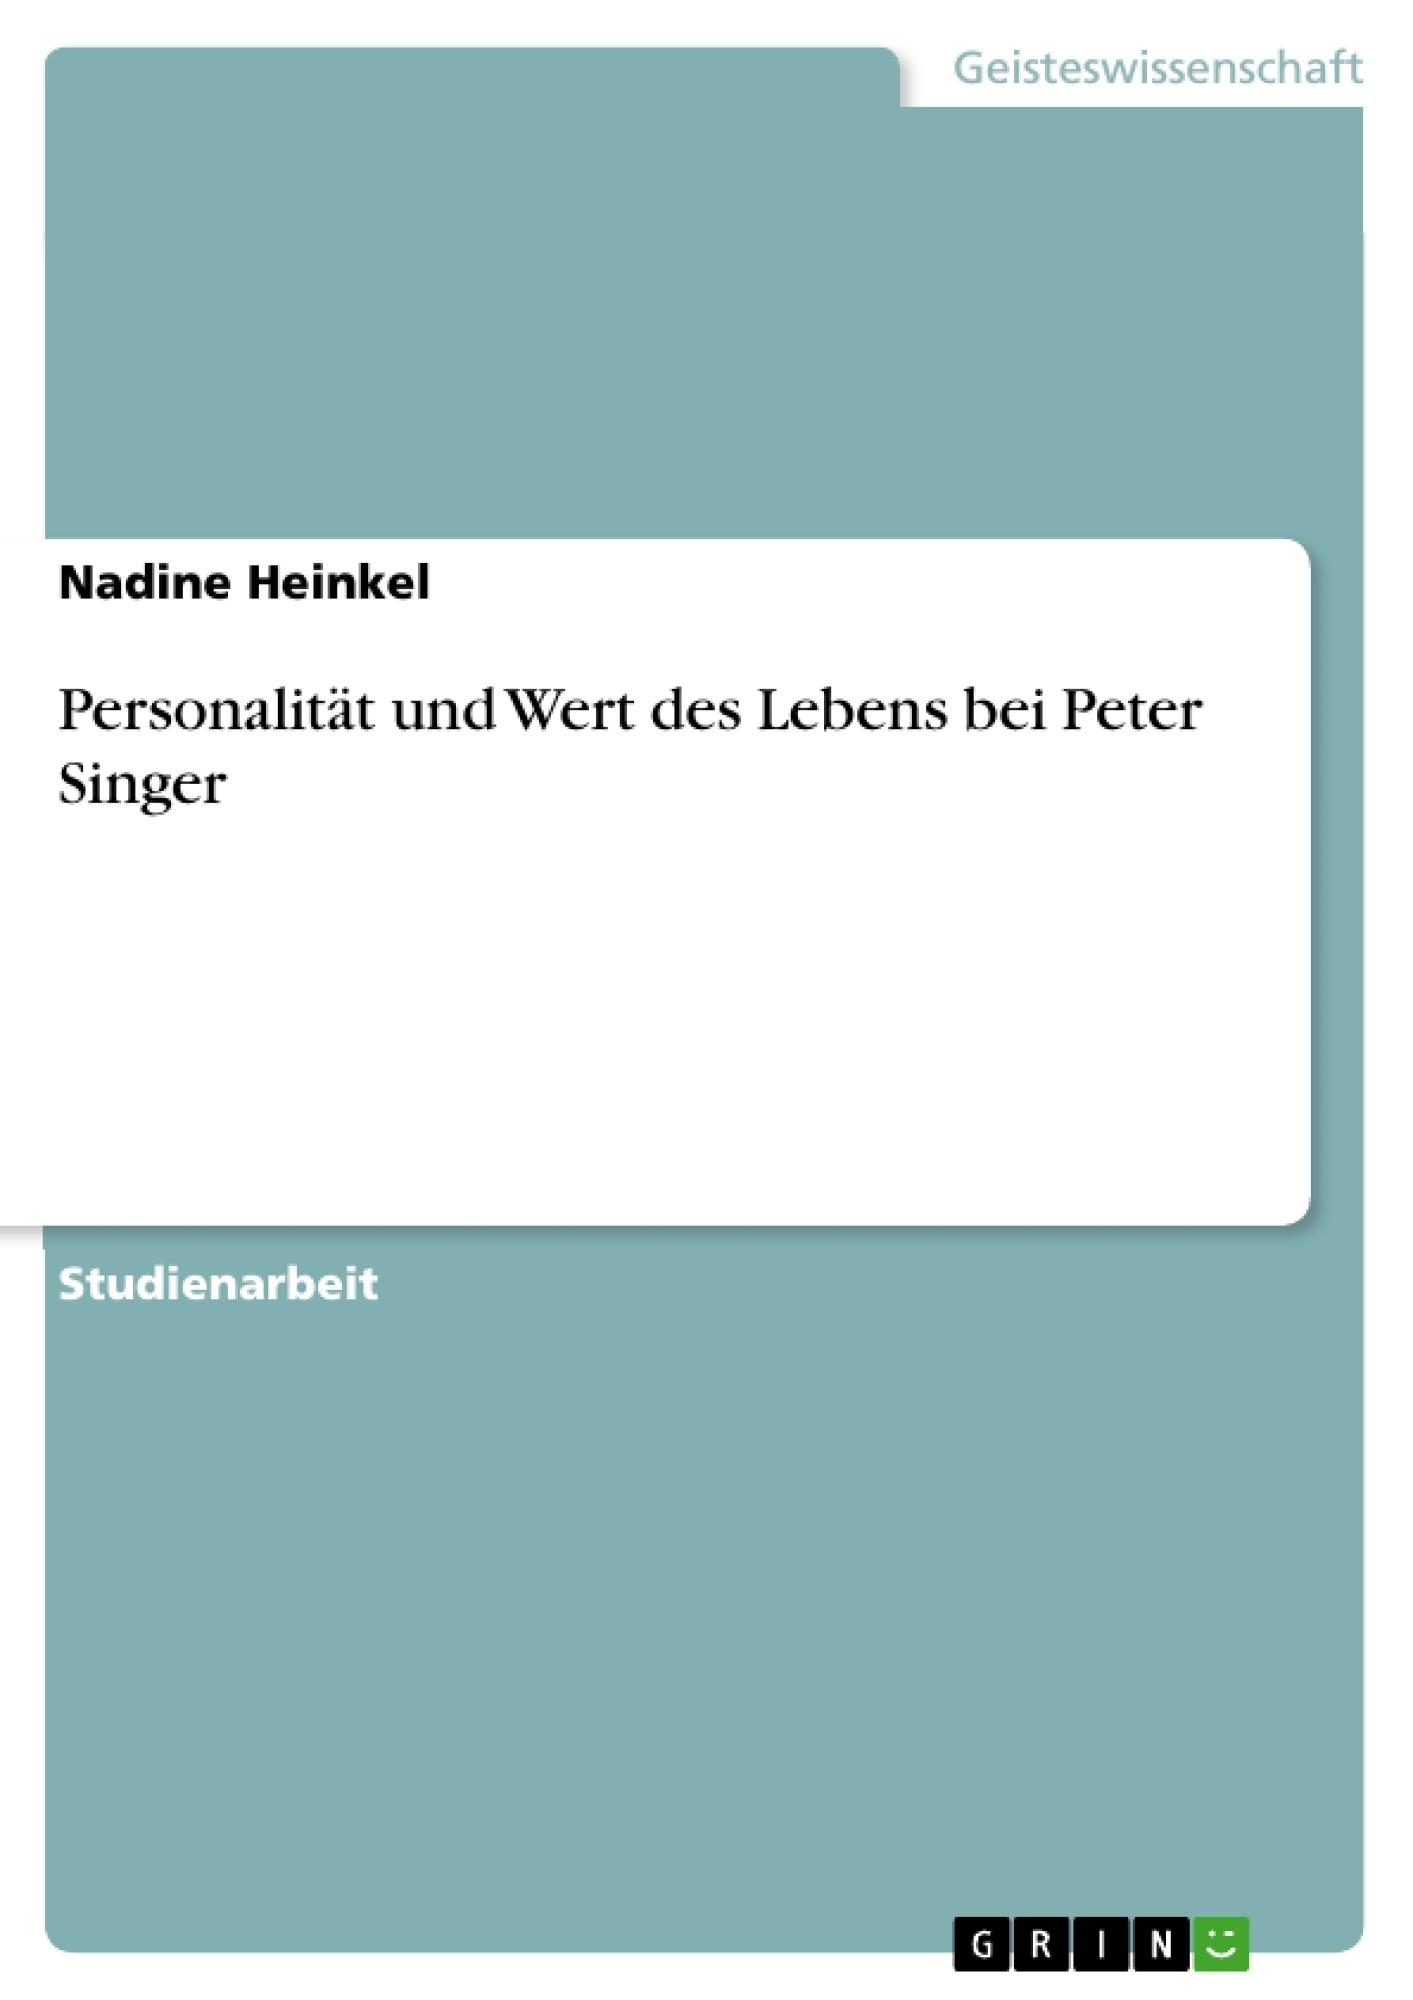 Titel: Personalität und Wert des Lebens bei Peter Singer